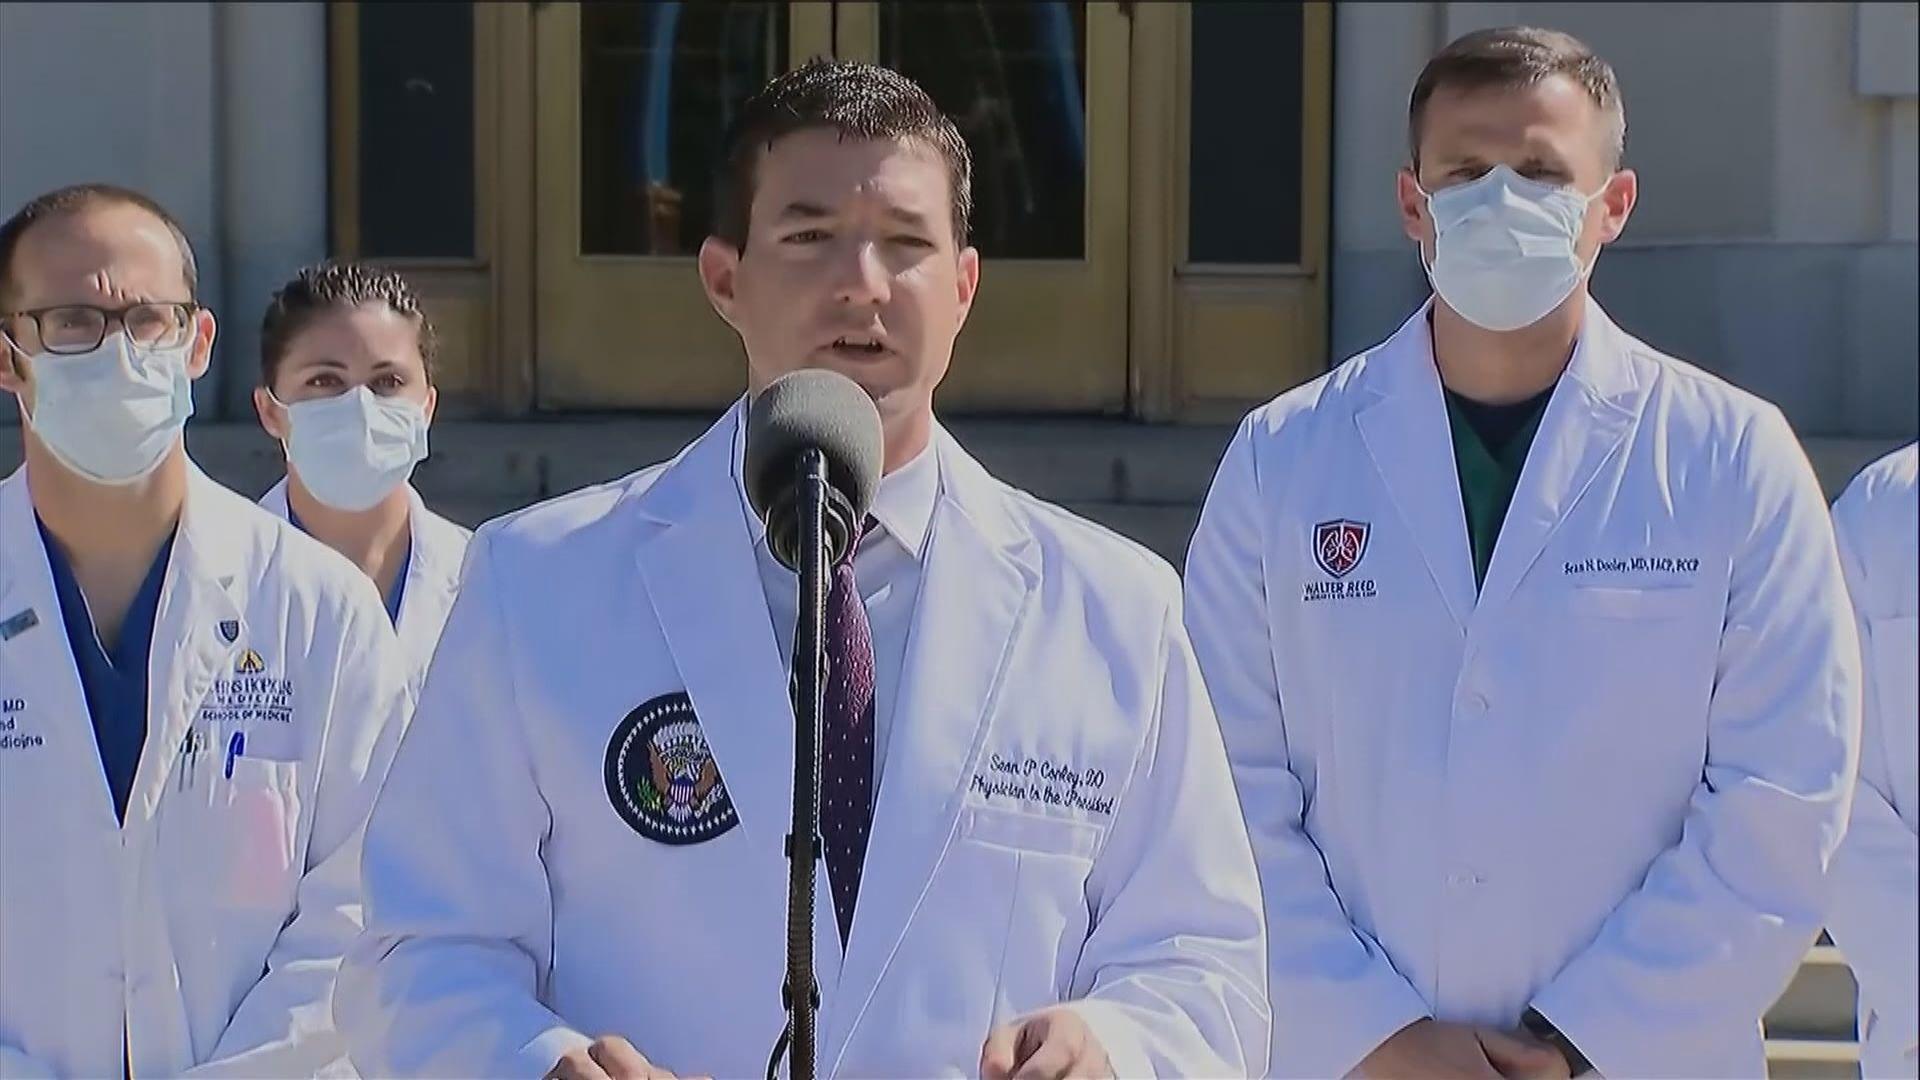 美國白宮醫生康利被質疑作出政治化而非專業決定